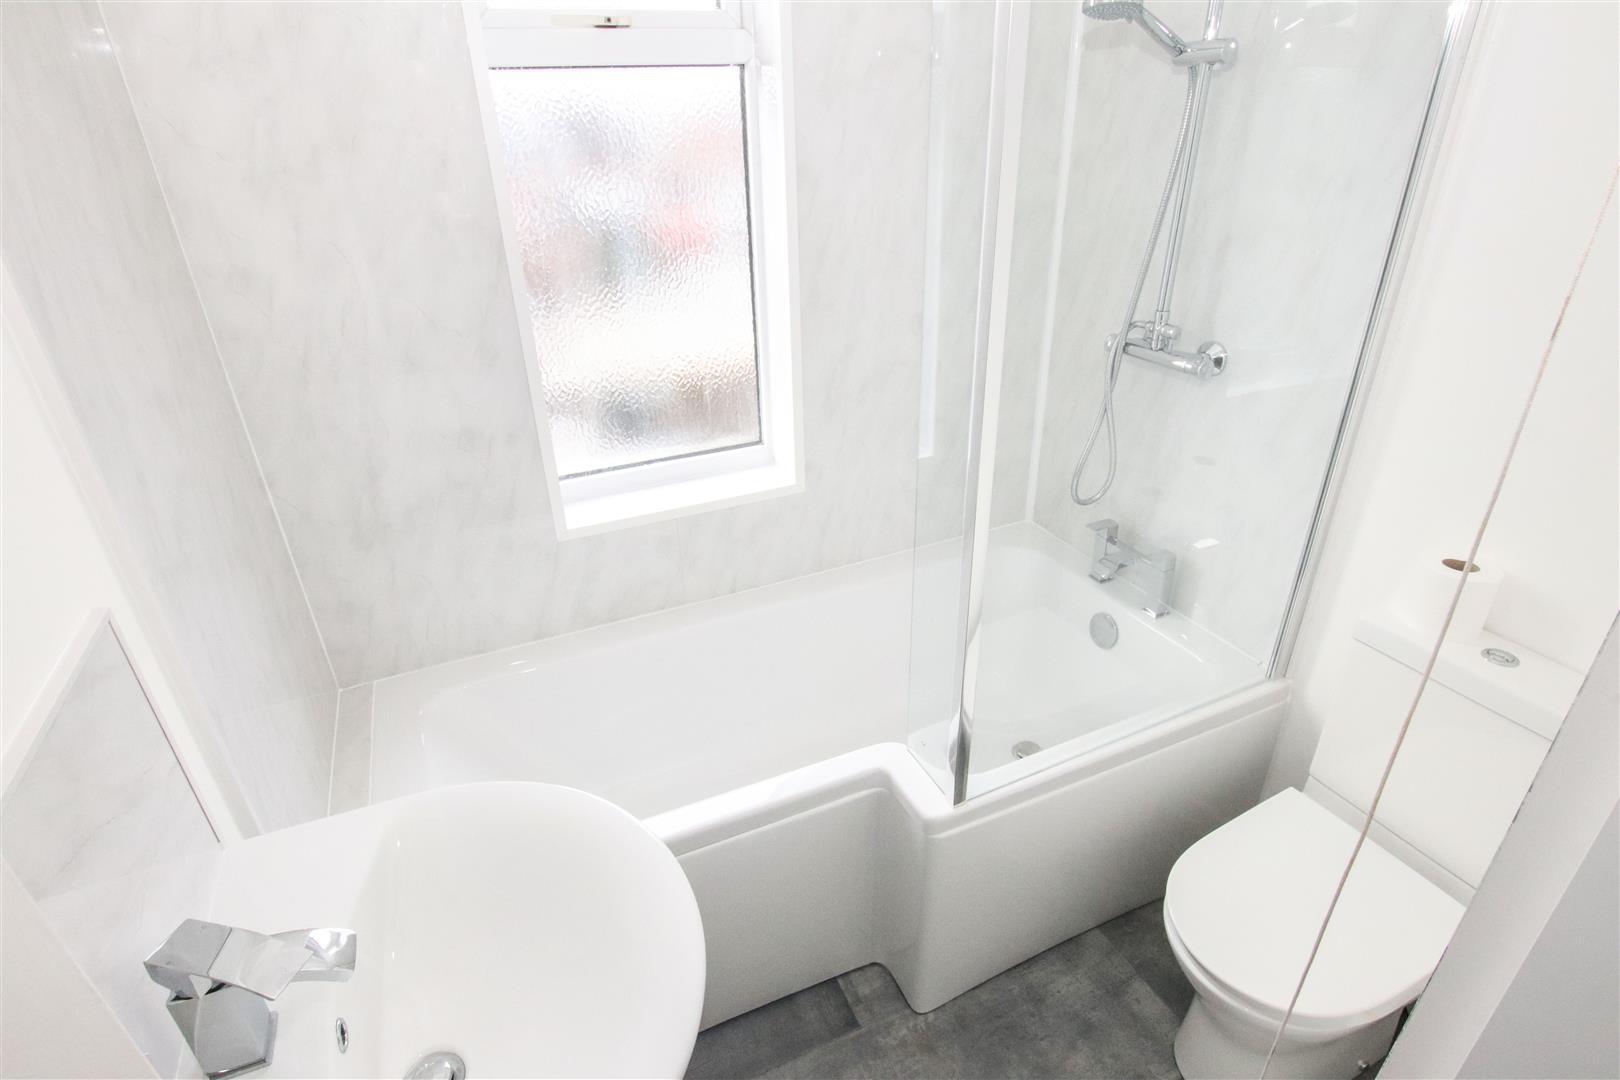 NEW FIRST FLOOR BATHROOM